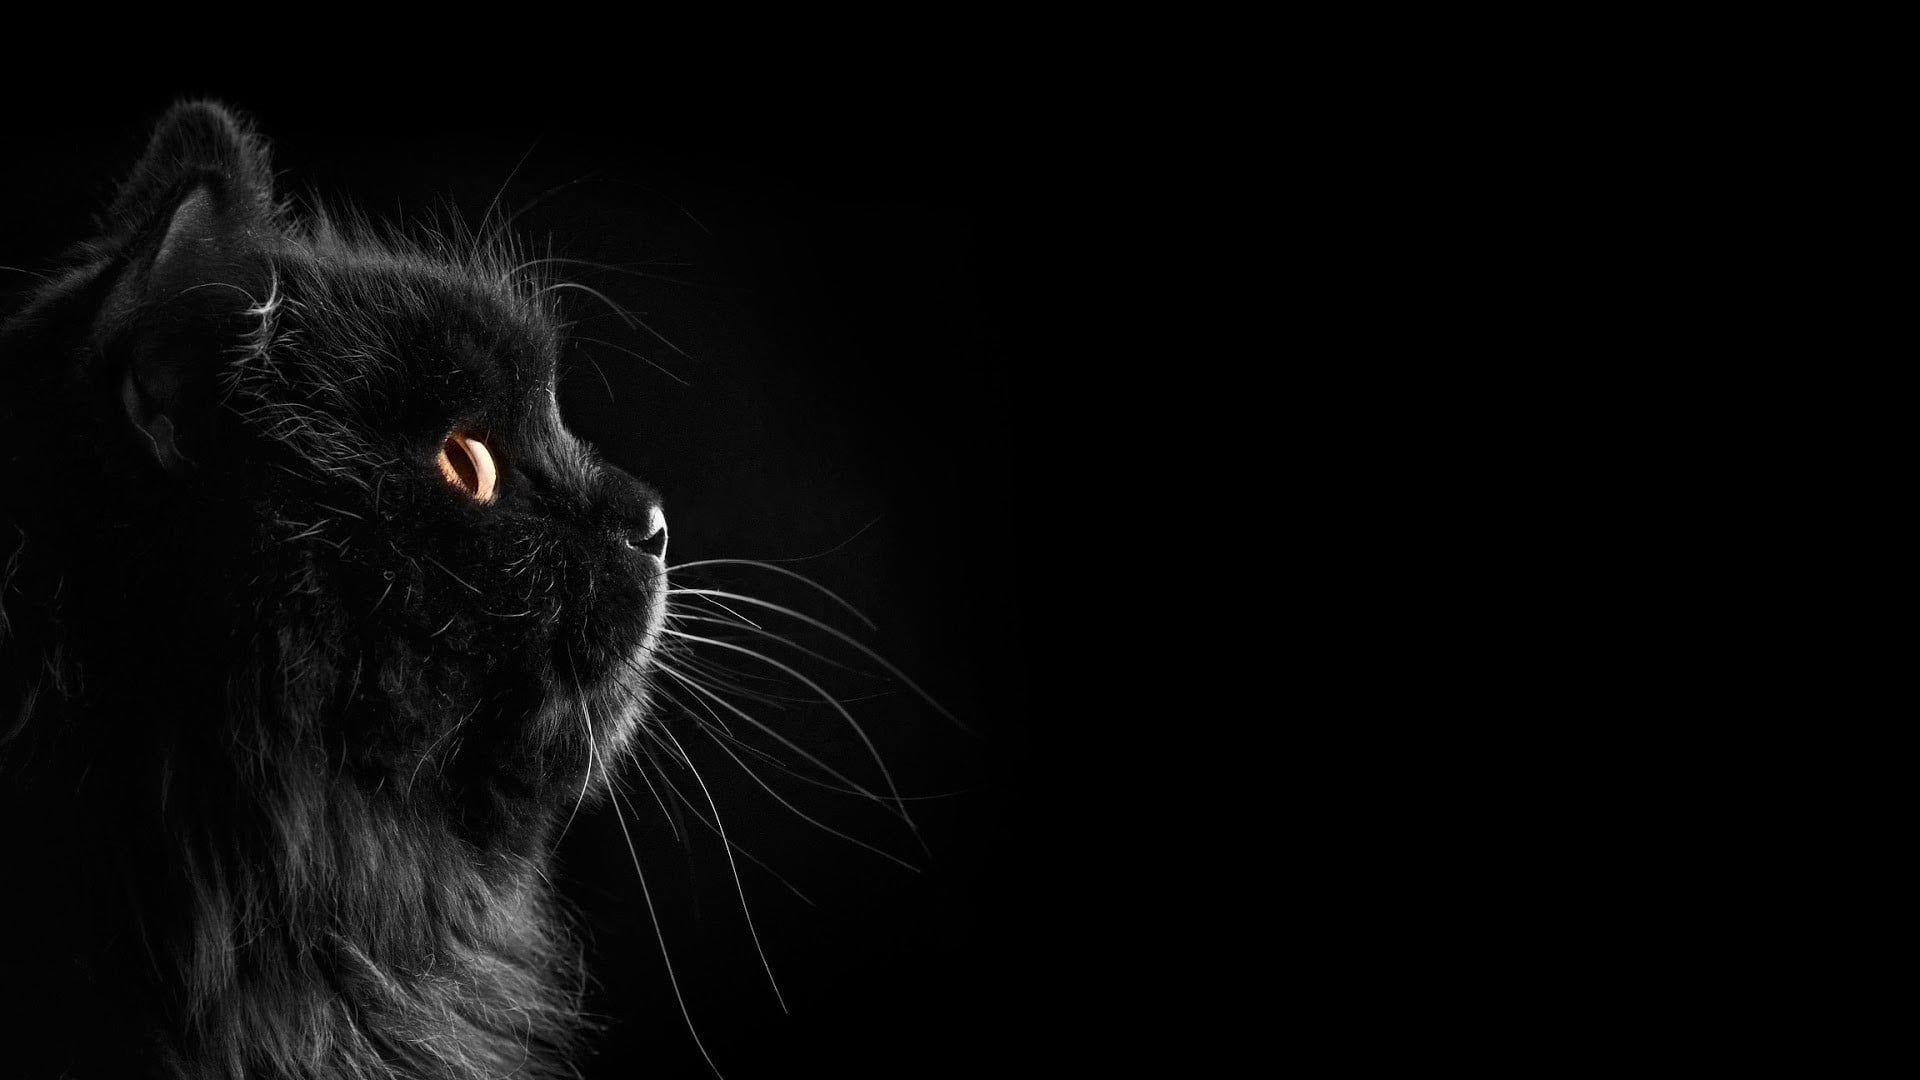 Long Furred Black Cat Cat Black Cats Black Dark Selective Coloring Black Background 1080p Wallpaper Hdwallpaper Desk In 2020 Cat Dark Black Cat Animal Wallpaper